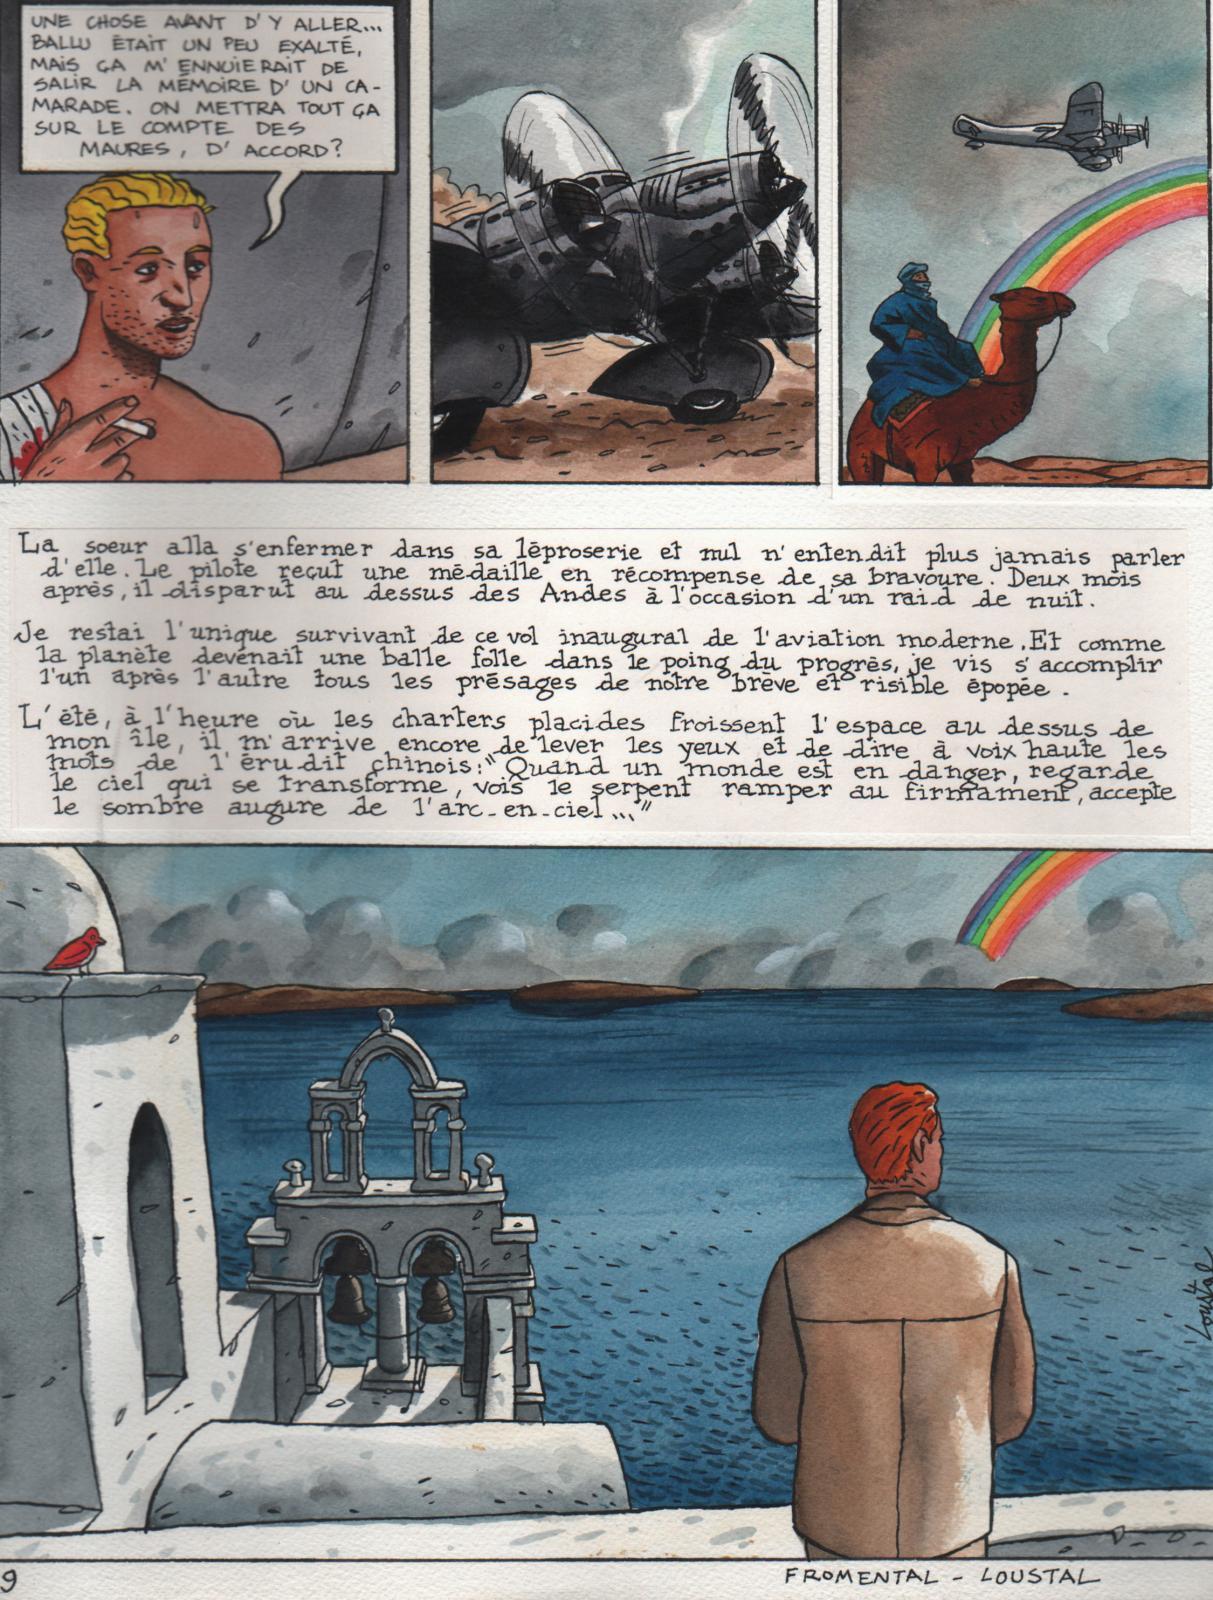 Jacques de Loustal - Fromental, L'Adieu à l'arc-en-ciel, aquarelle sur papier fort et collages, signée en bas à droite, légendée, 1989, 36